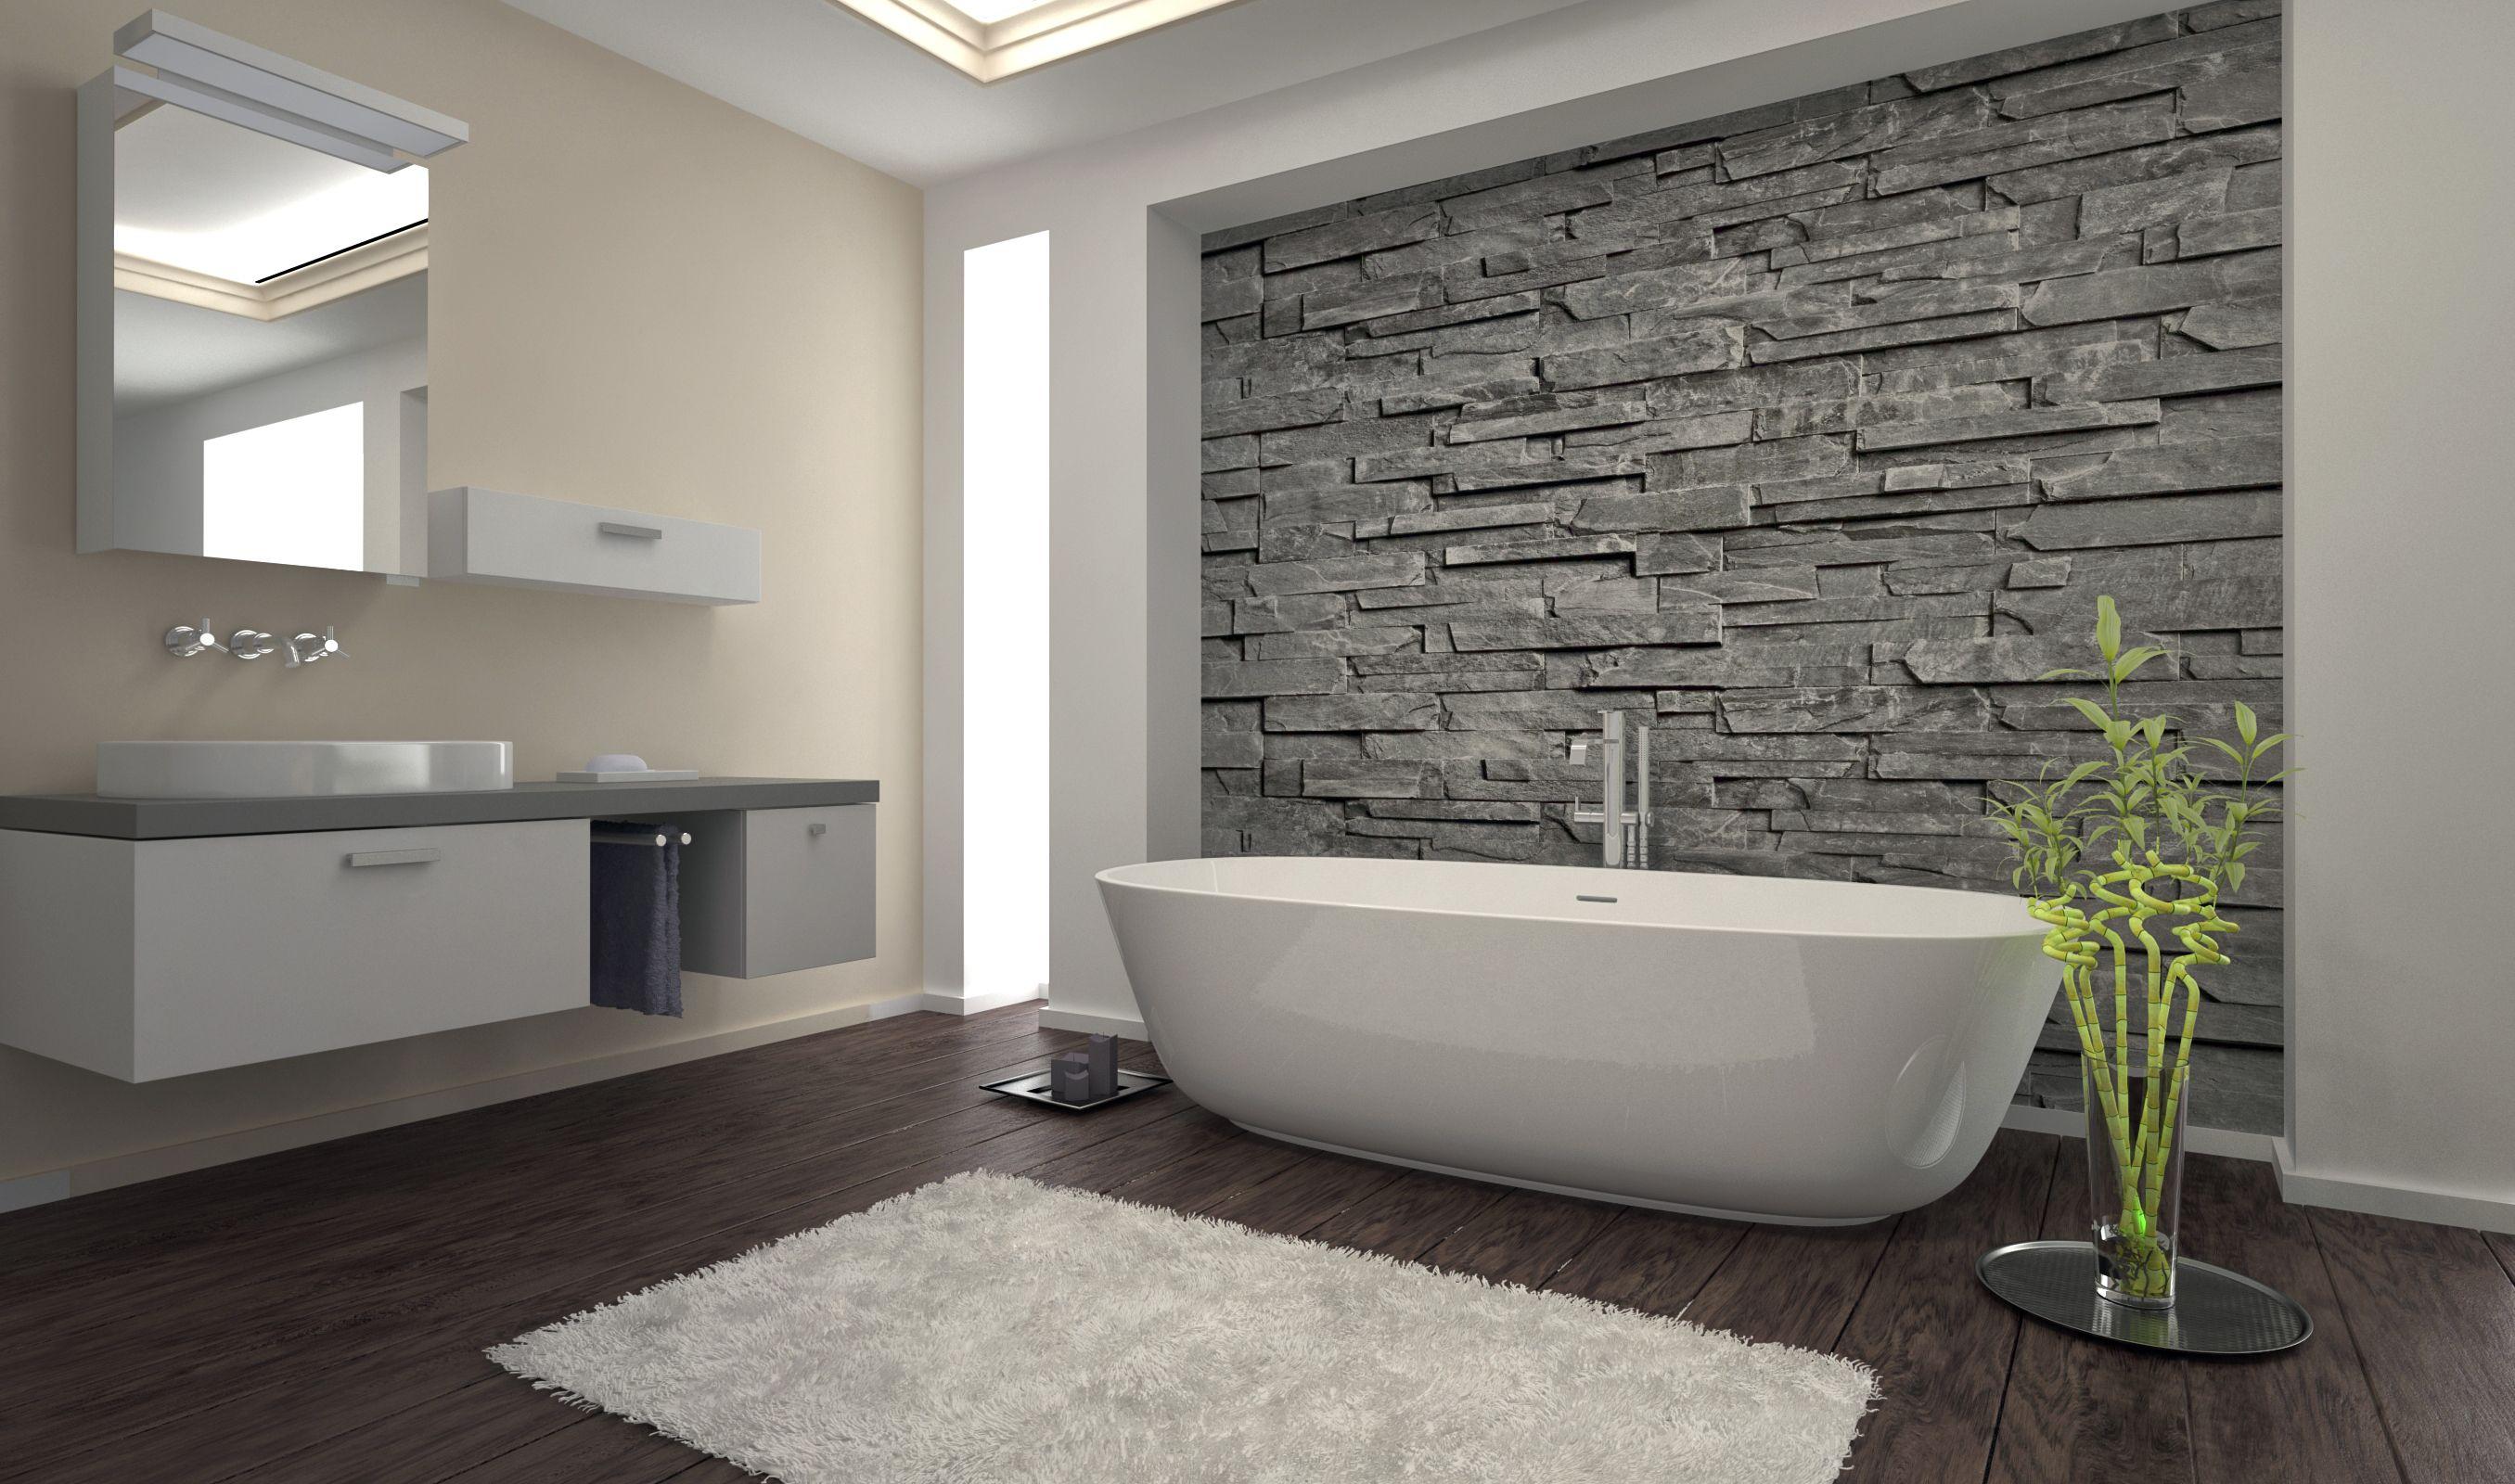 Local Bathroom Remodeling Contractors Near Me Free Estimates Bathroom Design Styles Realistic Bathroom Ideas Small Bathroom Colors